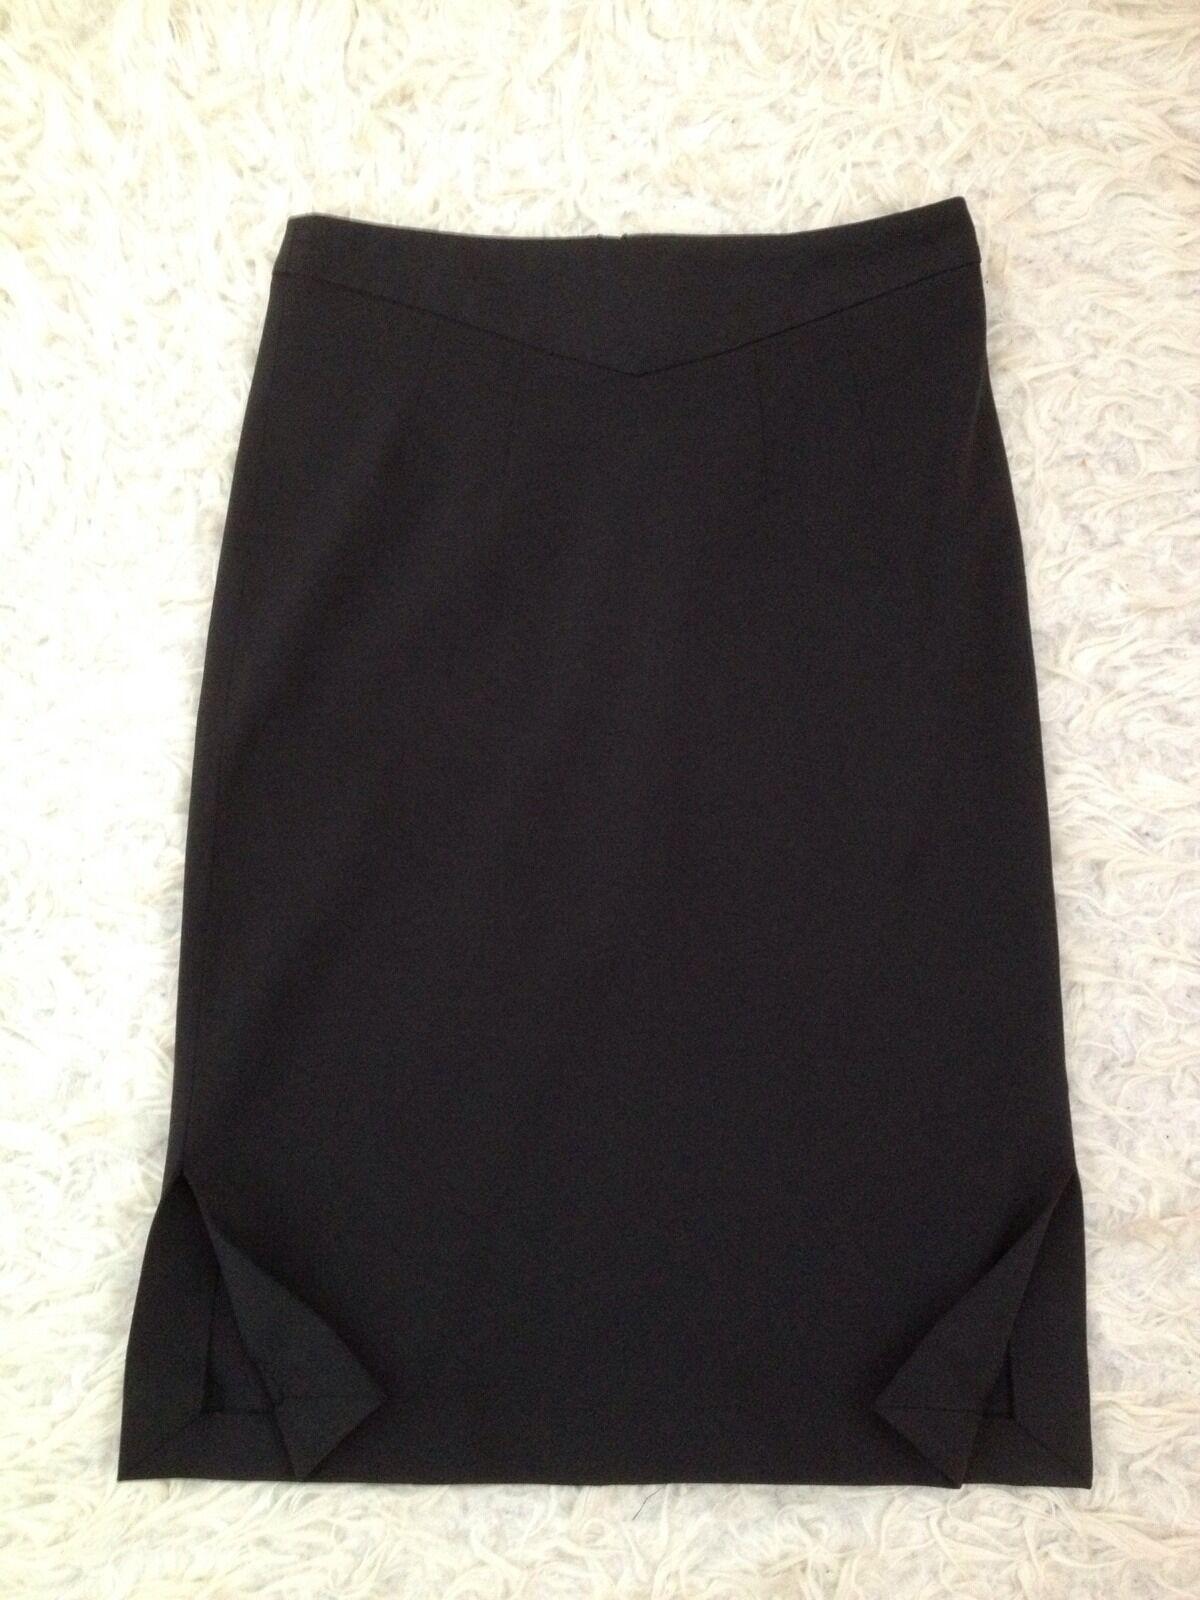 Gorgeous Joseph Pencil Skirt, size S - excellent condition